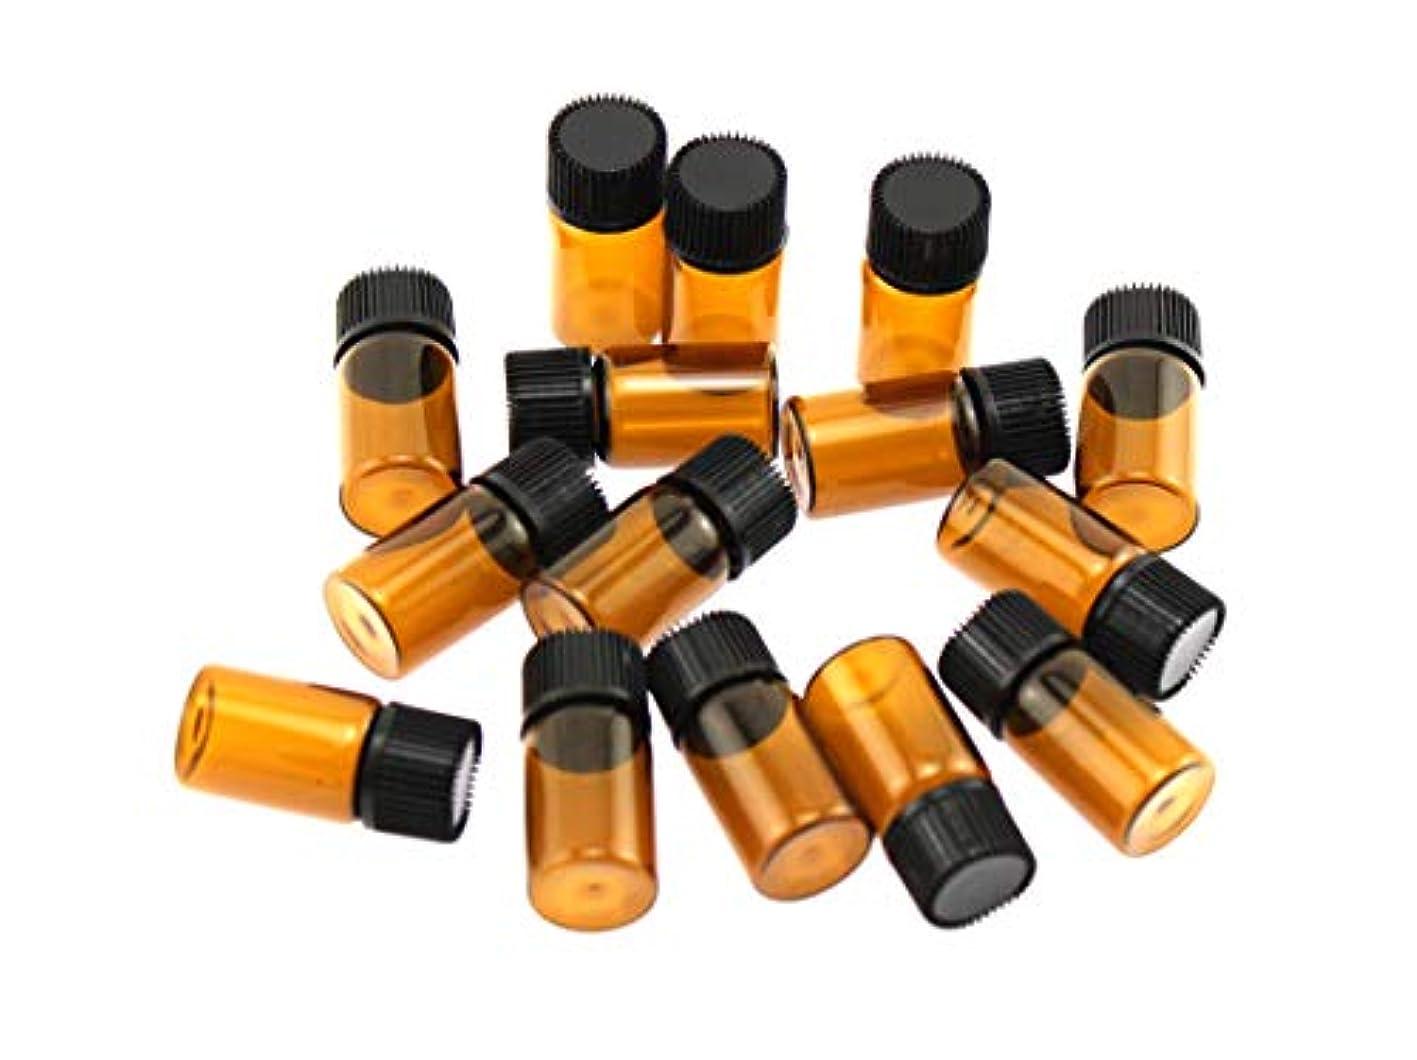 違法呪われたバイバイOlive-G アロマオイル エッセンシャルオイル 保存 小分け用 ガラスボトル 遮光タイプ 15本セット ブラウン